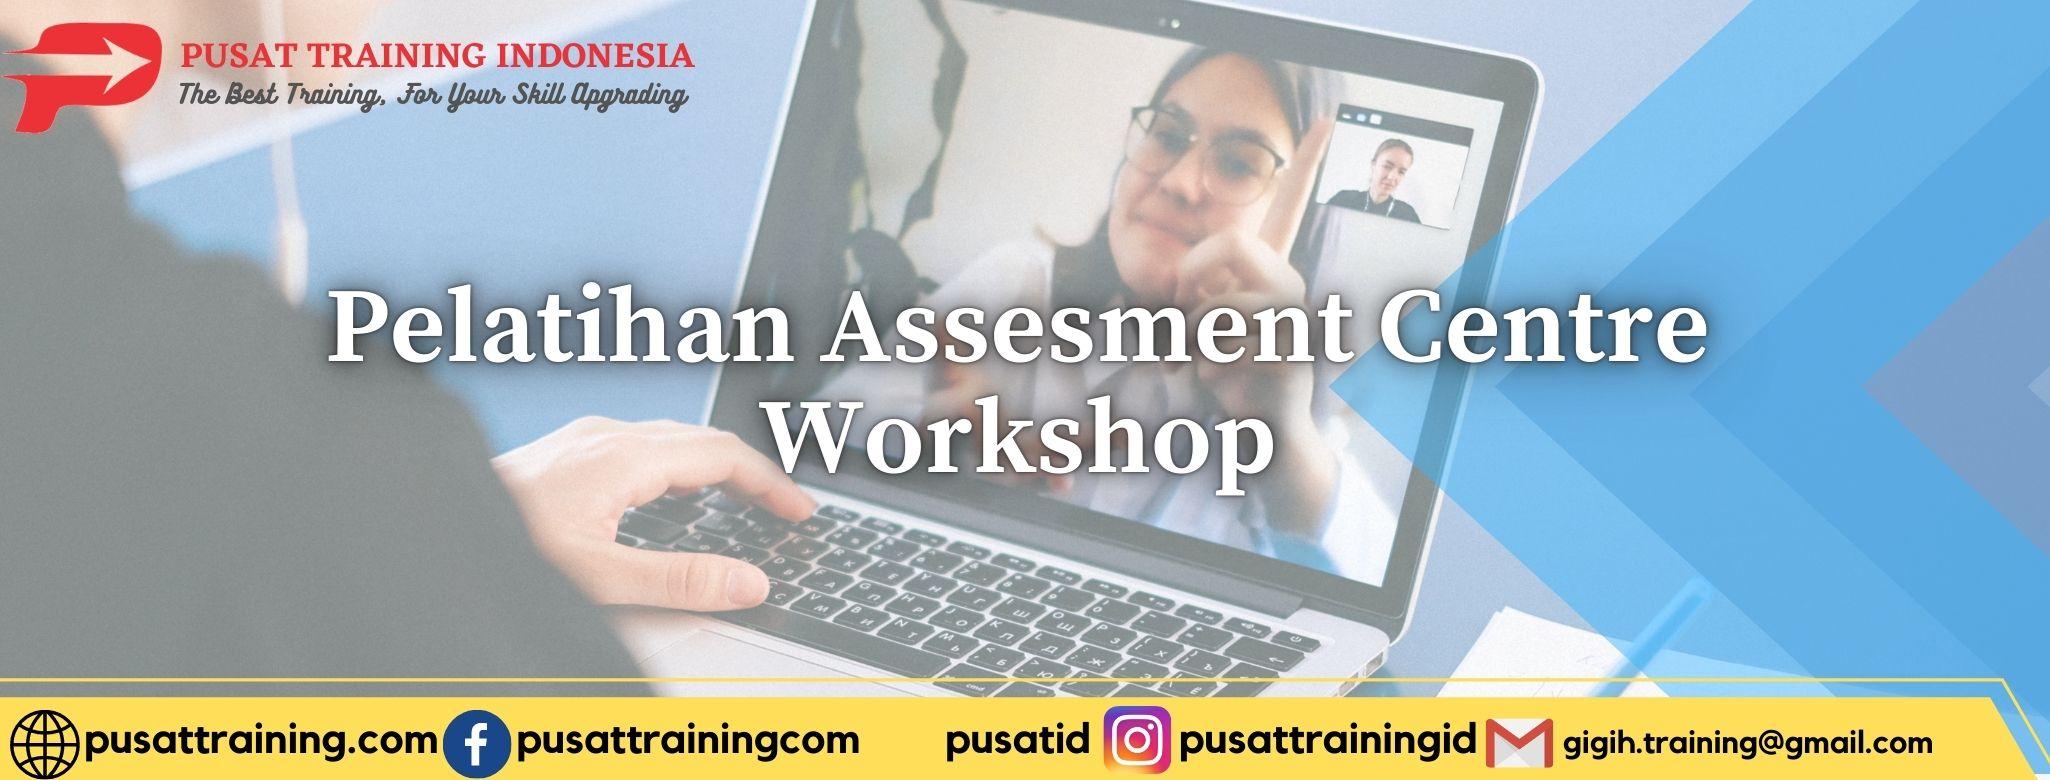 Pelatihan-Assesment-Centre-Workshop-1